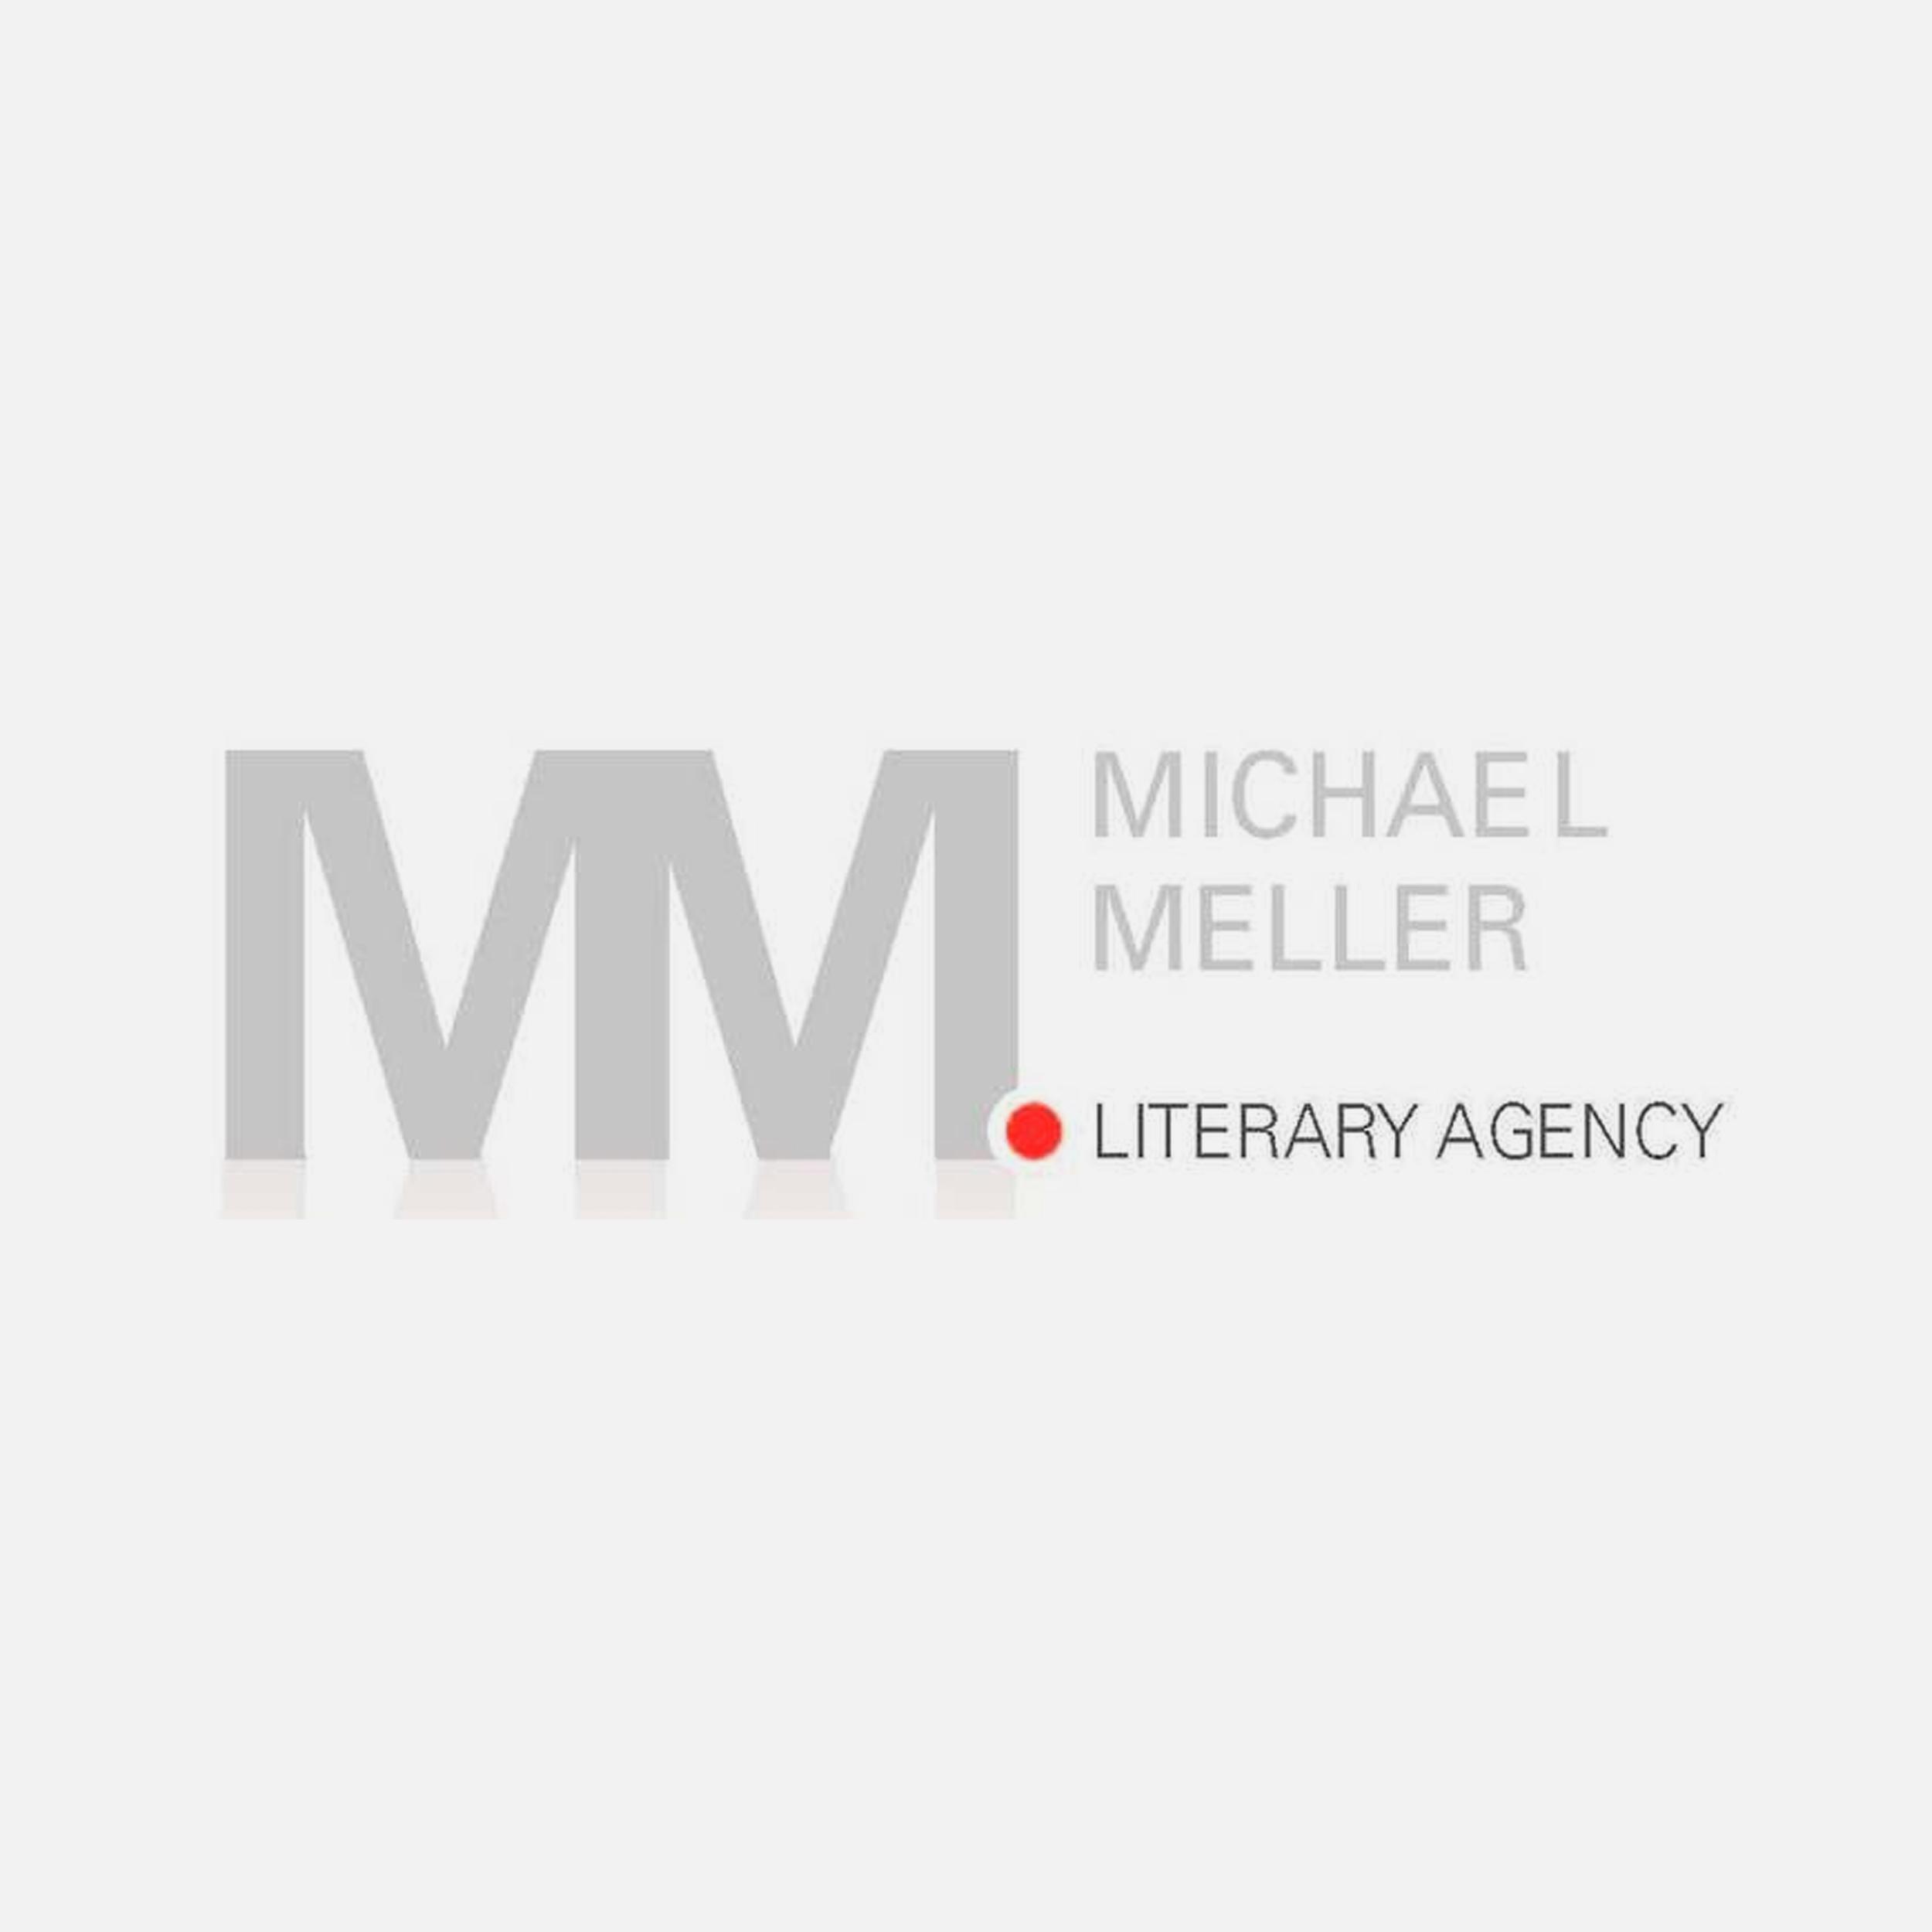 Phantastik-Autoren-Netzwerk_Michael-Meller_2500.jpg